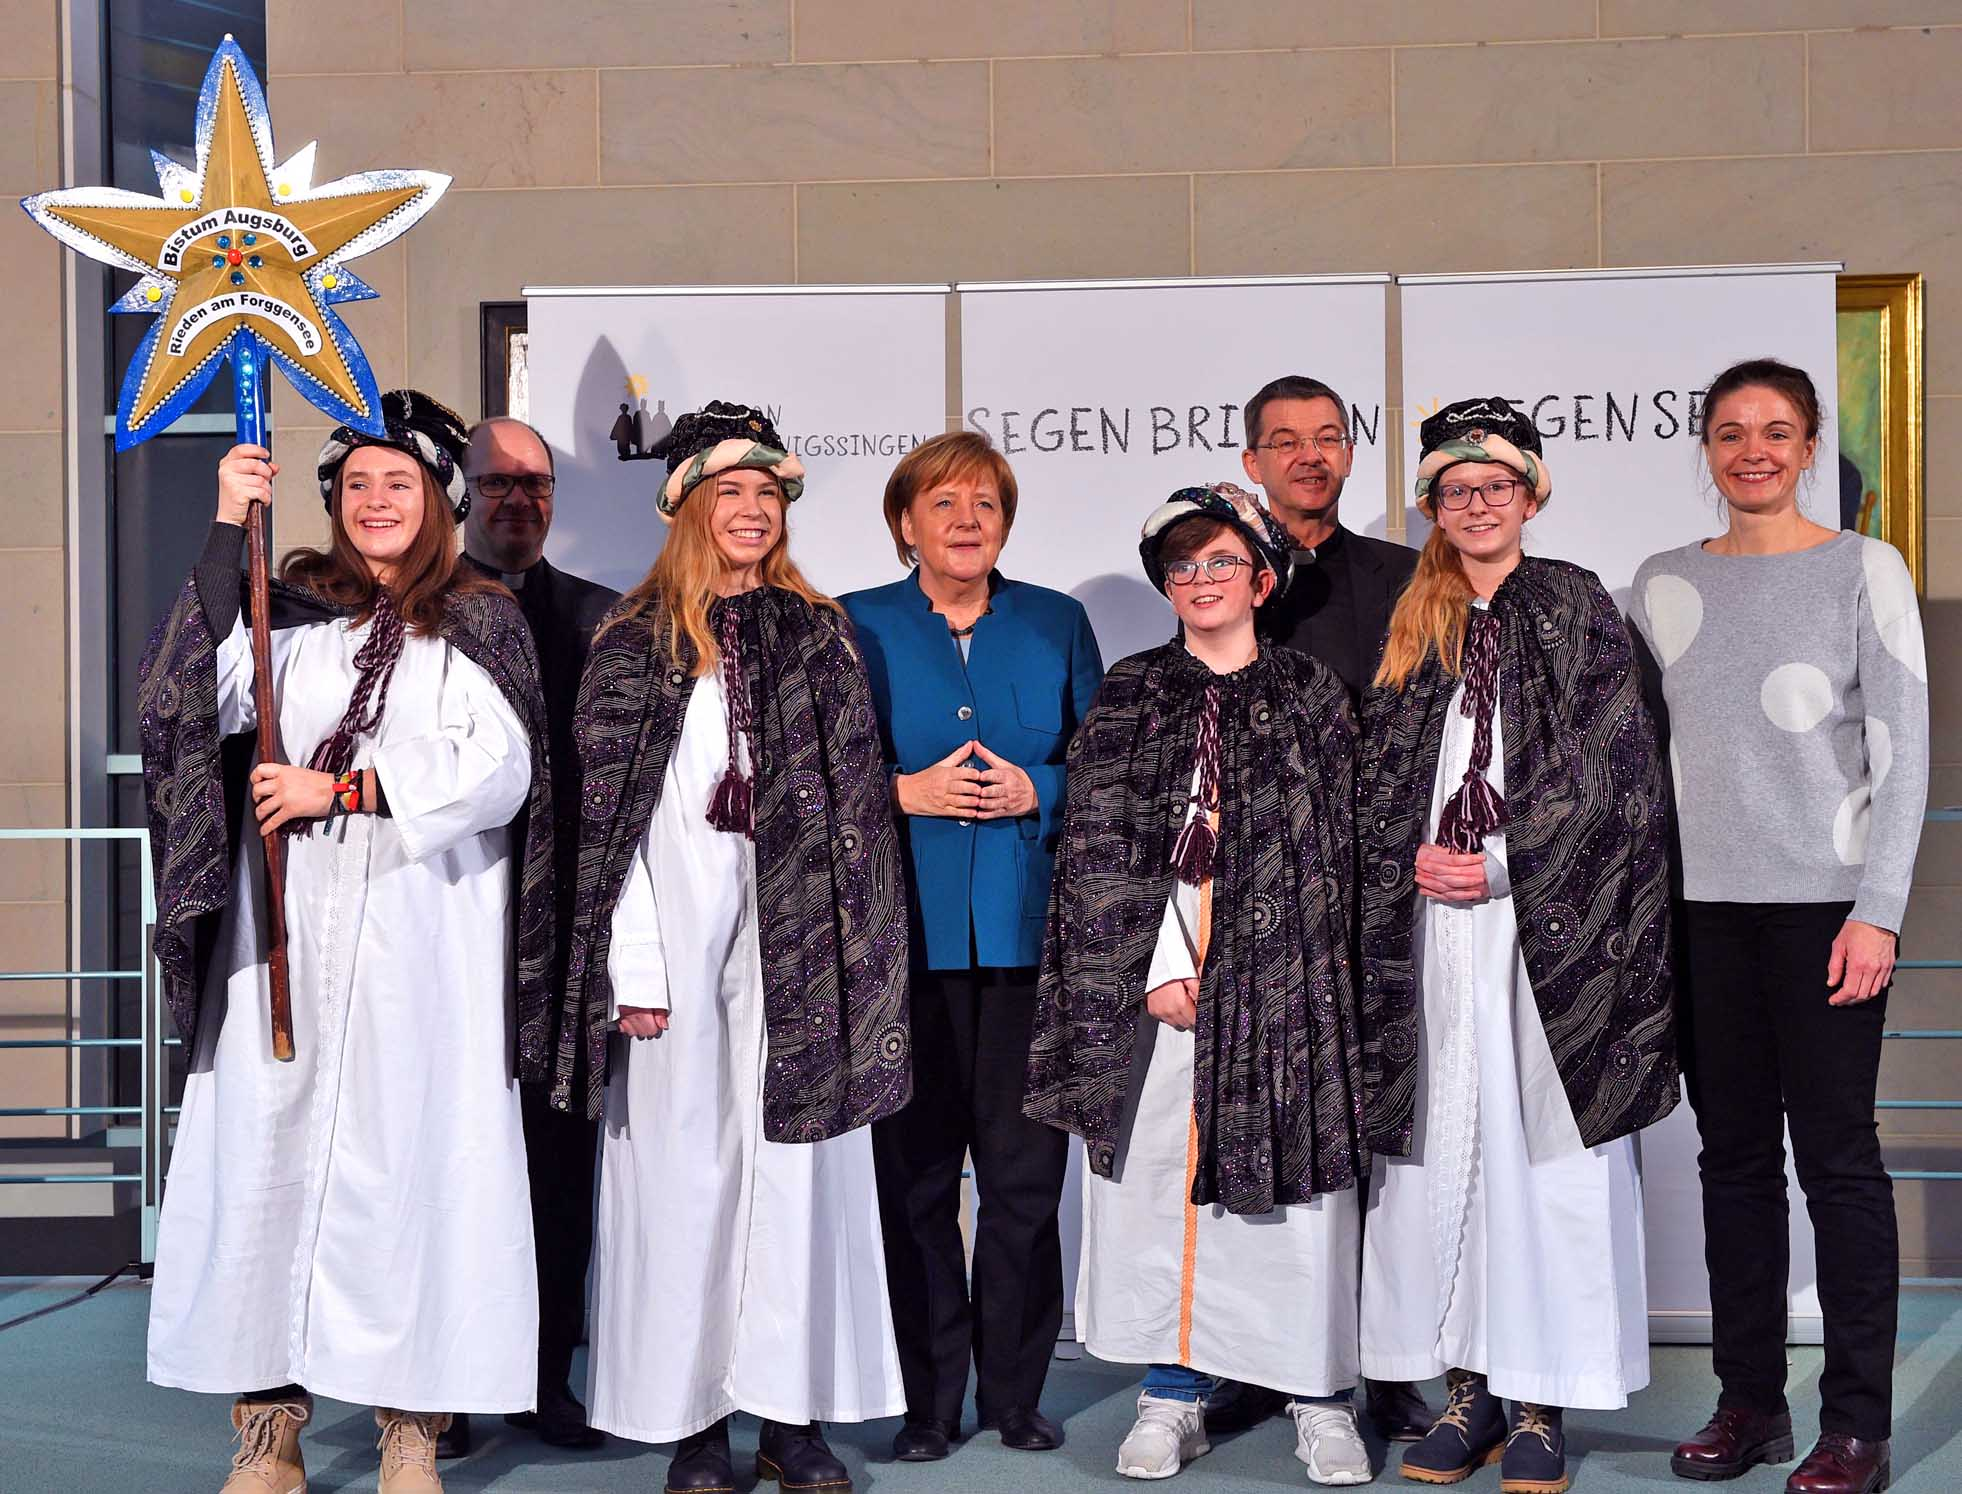 Die Sternsinger Emma (15), Elena (14), Max (12) und Lea (14) sowie Begleiterin Uta Schneider aus der Pfarreiengemeinschaft Roßhaupten vertraten das Bistum Augsburg am Montag beim Sternsinger-Empfang von Bundeskanzlerin Angela Merkel. Foto: Ralf Adloff/Kindermissionswerk